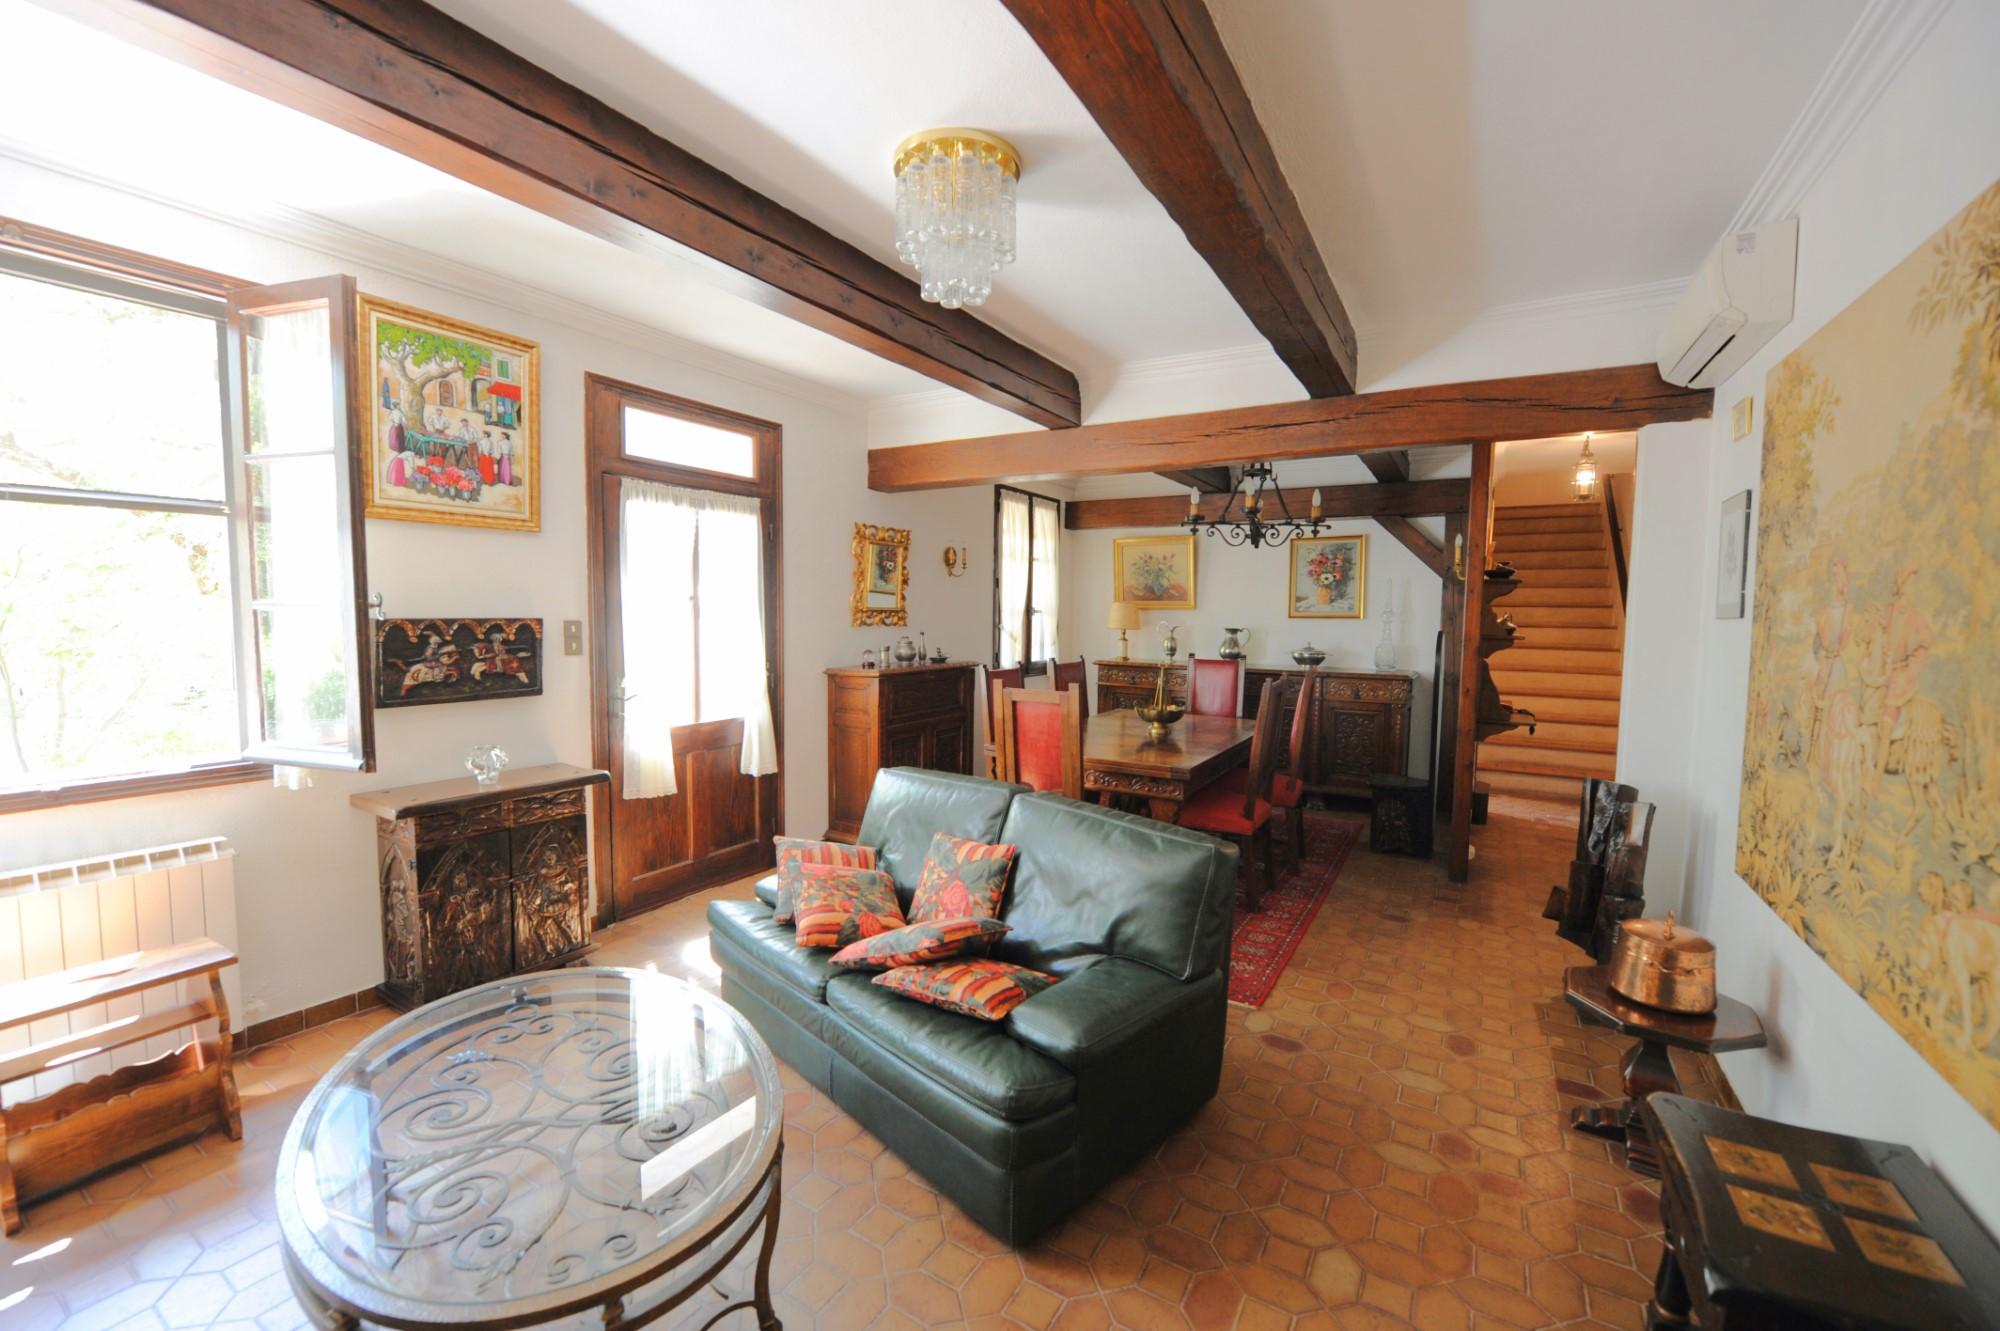 A vendre à Roussillon, maison de village avec piscine sur belle parcelle